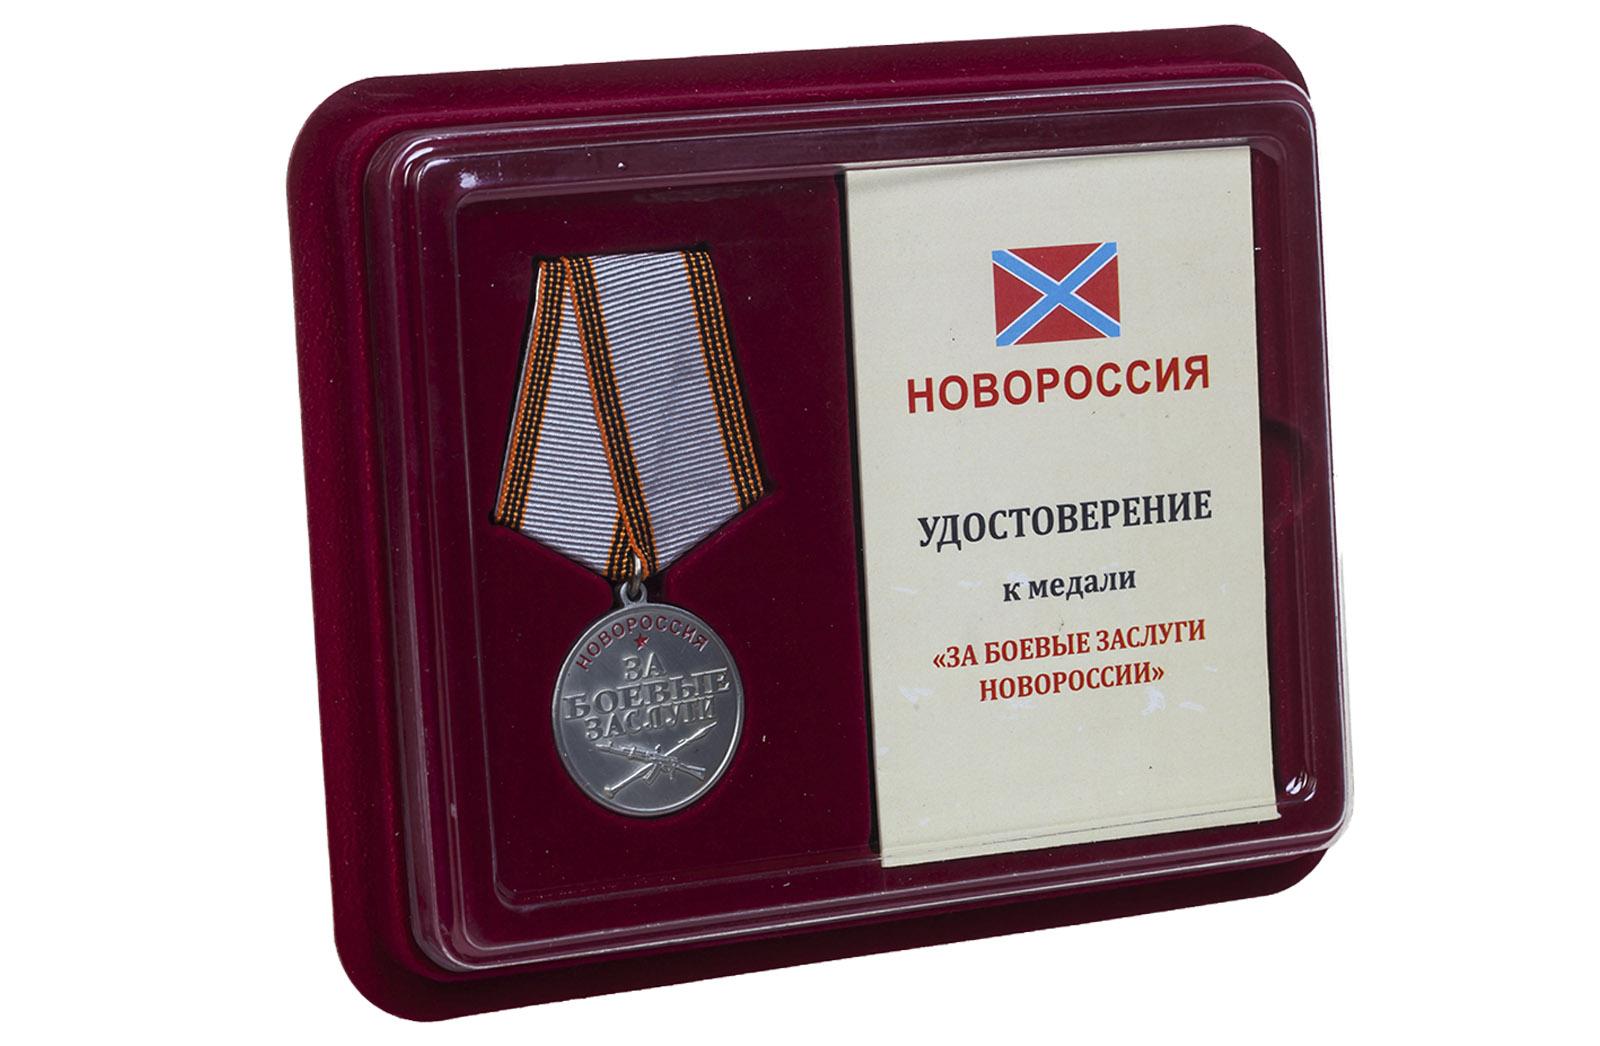 Купить медаль Новороссии За боевые заслуги оптом выгодно